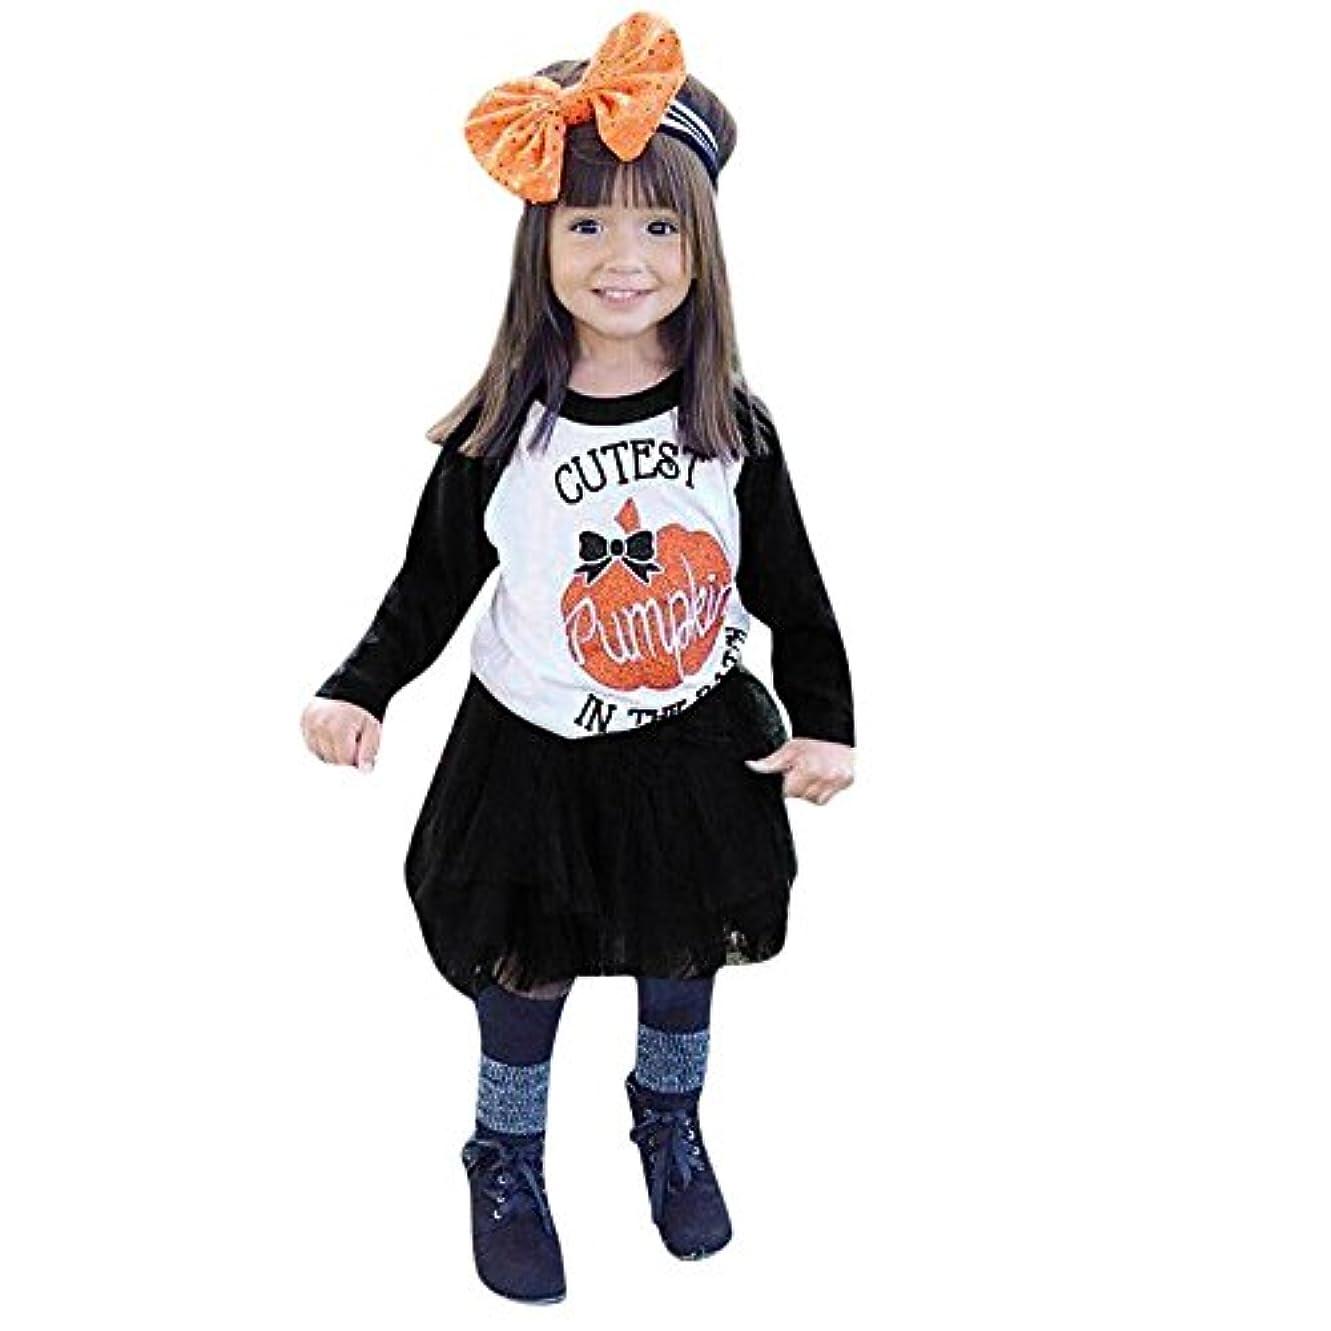 ずるい積極的にエリートBHKK 子供 幼児の女の子2PCSカボチャのトップス+トゥトゥスカートハロウィーンの装飾の服 12ヶ月 - 4歳 24ヶ月